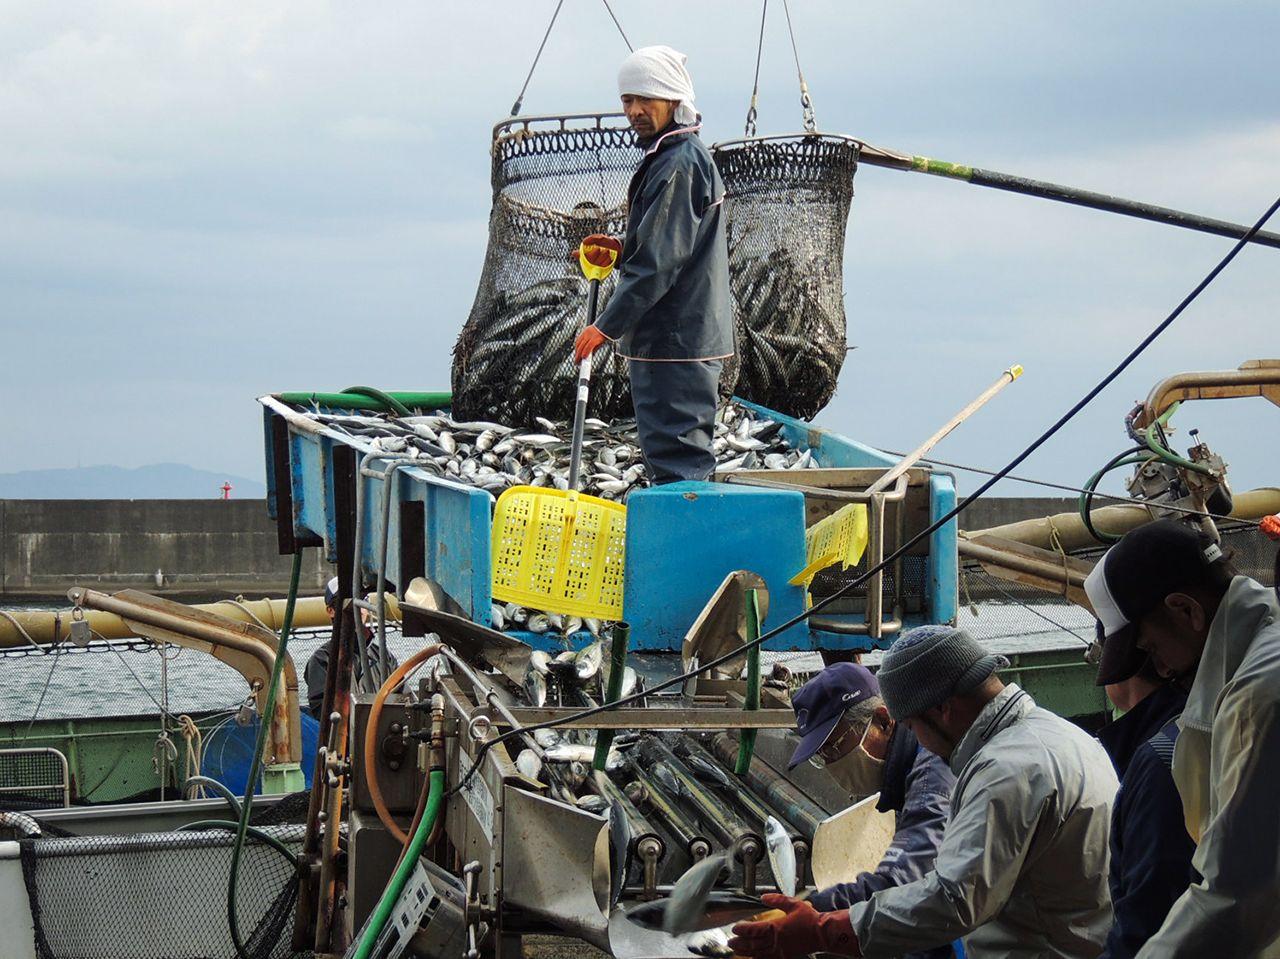 小川港でのサバの水揚げ風景。直後に大きさごとに選別され、運ばれていく